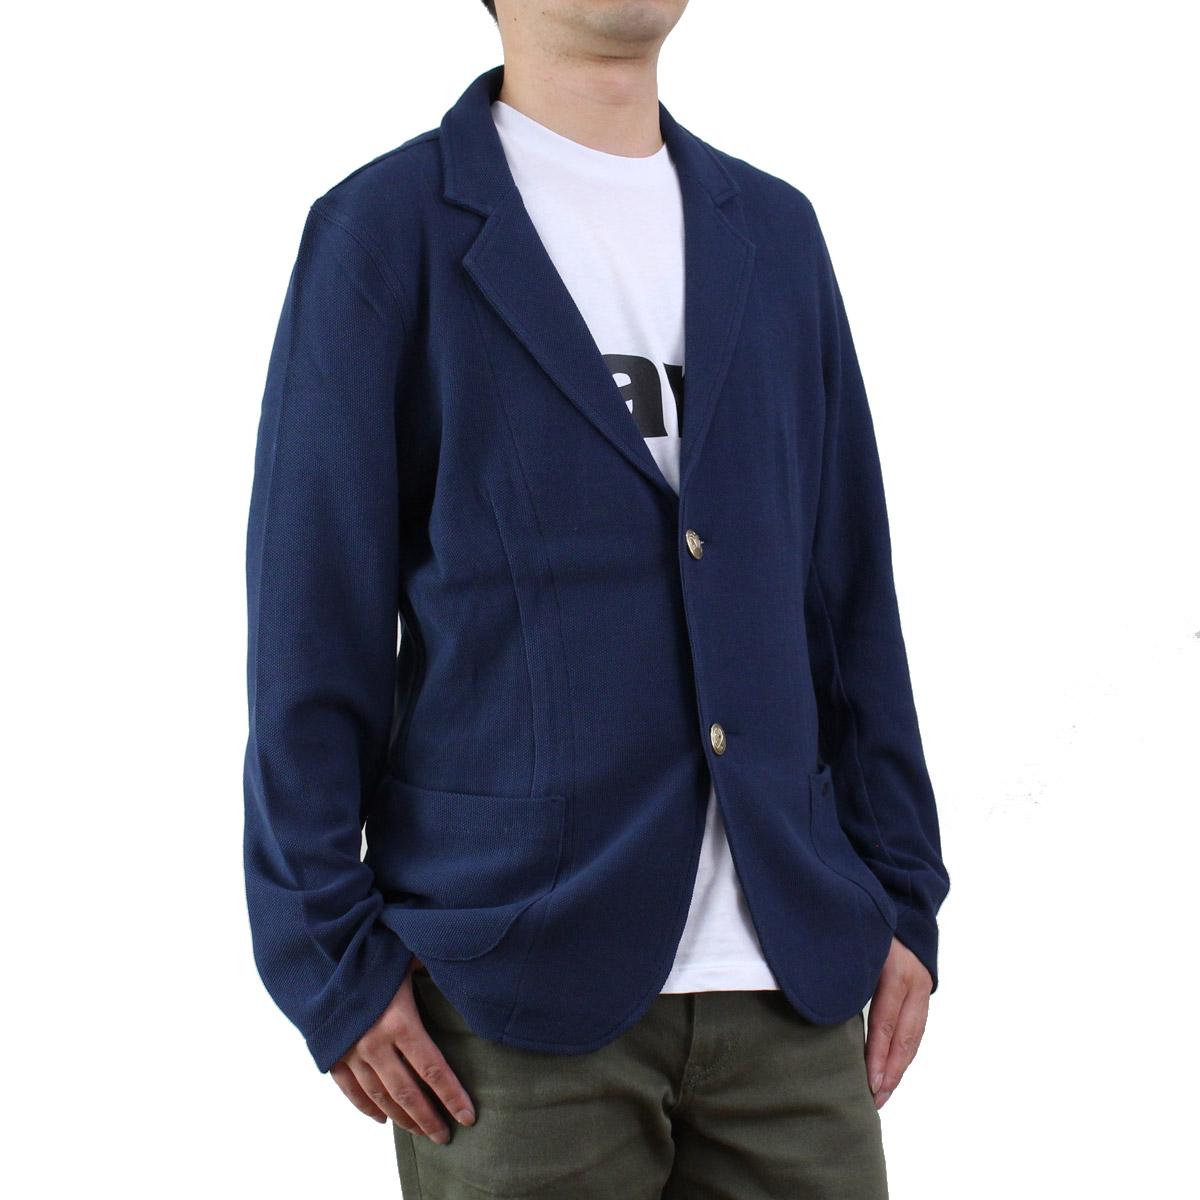 バーク Bark メンズ サマー ジャケット 71B8516 674 OCEAN ブルー系 メンズ